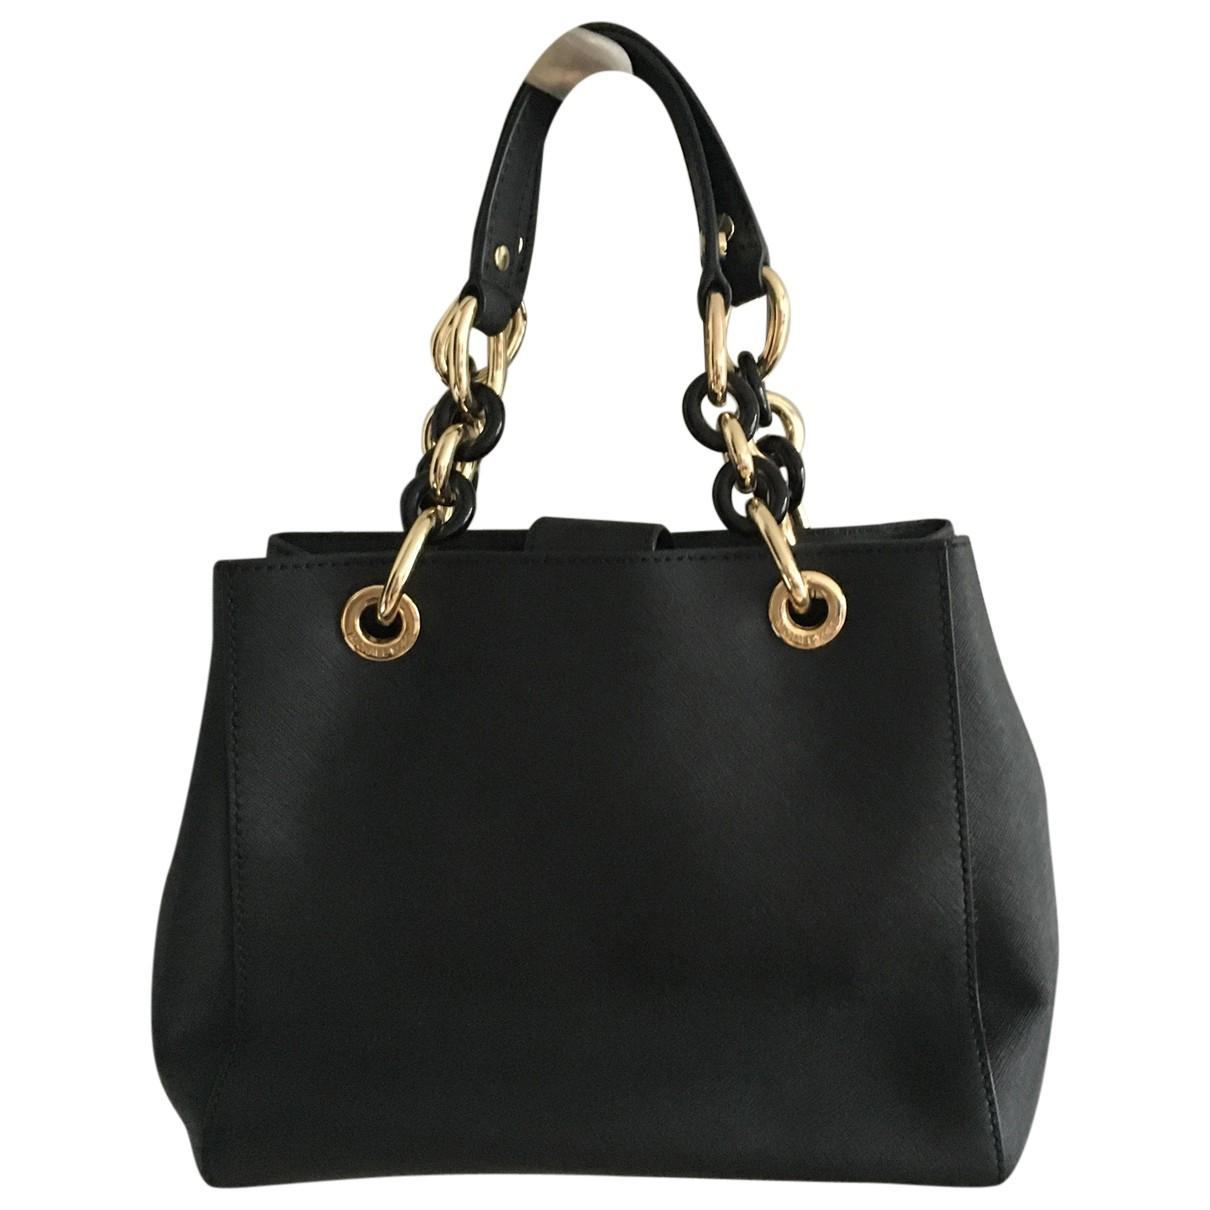 Michael Kors N Black Leather handbag for Women N